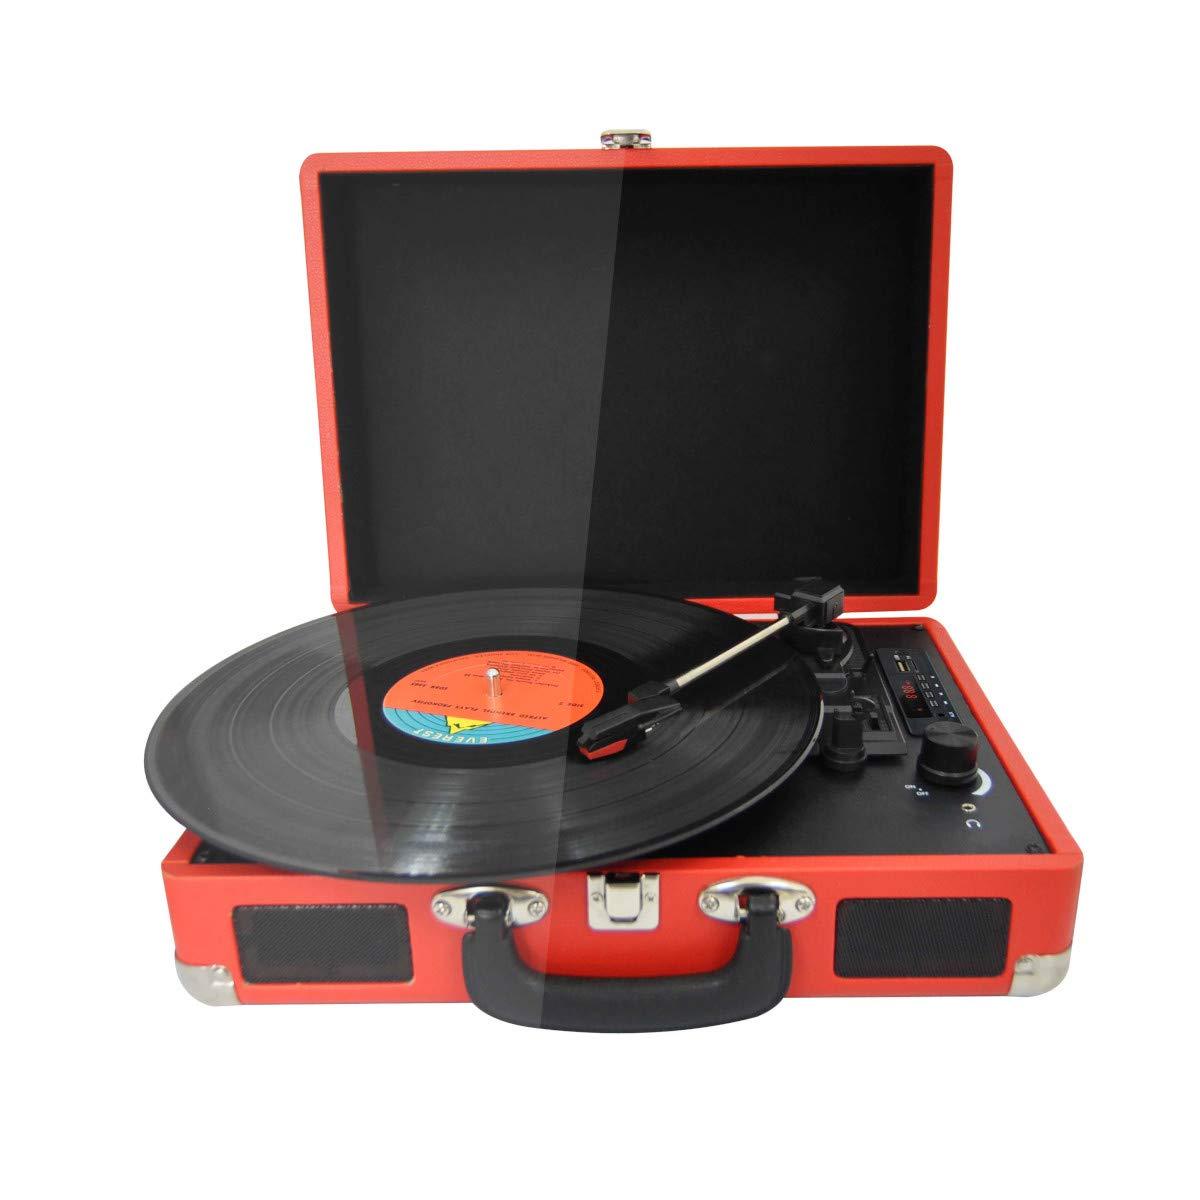 PRIXTON - Tocadiscos de Vinilo Vintage, Reproductor de Vinilo y ...